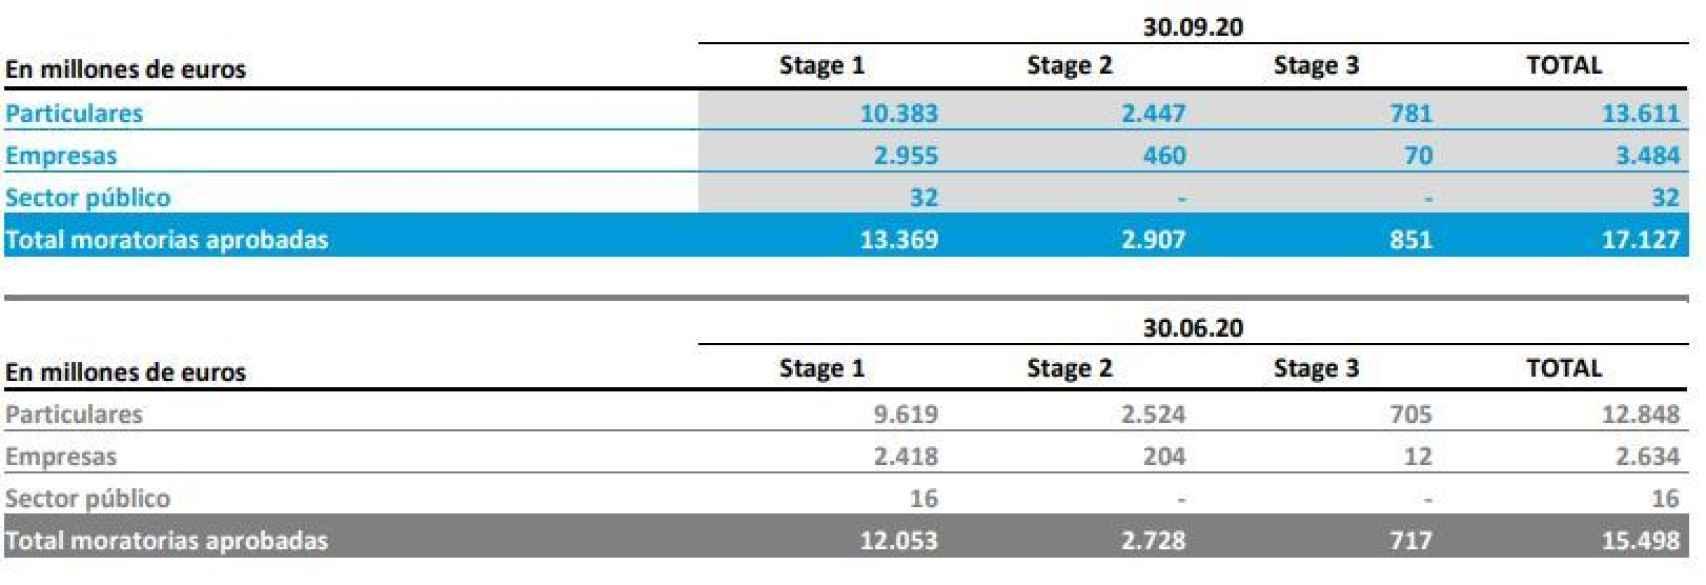 Moratorias totales concedidas por CaixaBank, siendo 'stage 3' las clasificadas como morosas.